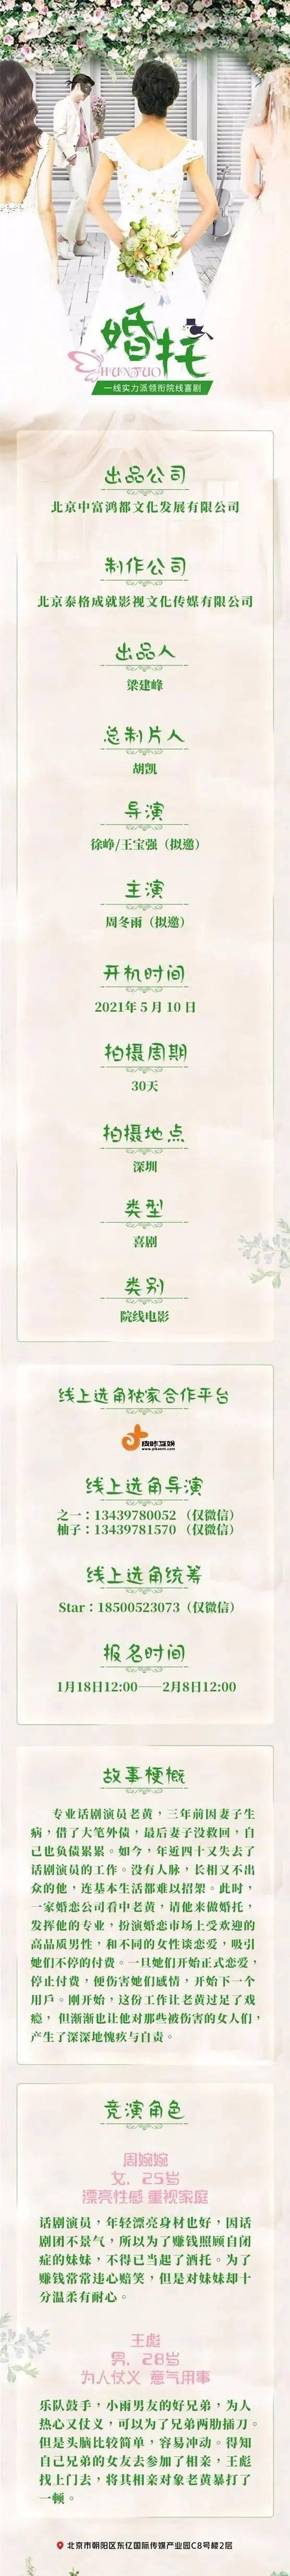 组讯日报|剧集《沉香如屑》、《落水者》,电影《婚托》等